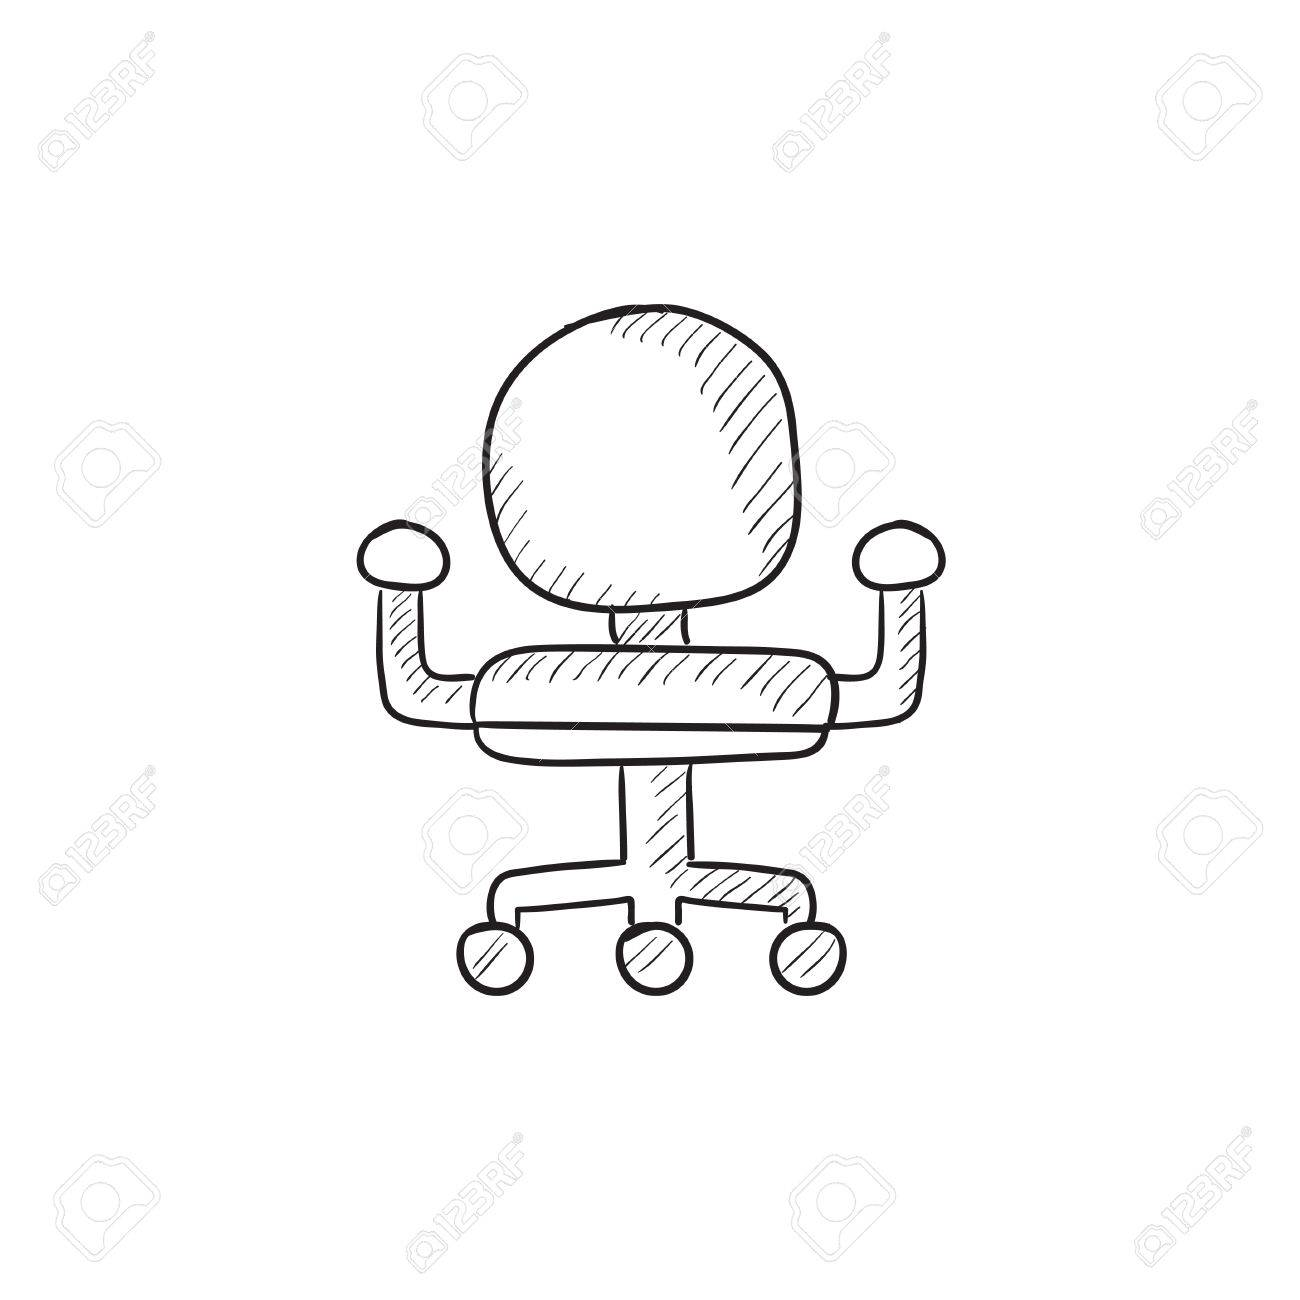 Sur Drawn InfographieSite Vecteur De Bureau Isolé Chaise IcôneEsquisse Croquis Pour FondHand Icône PkXuiTZO